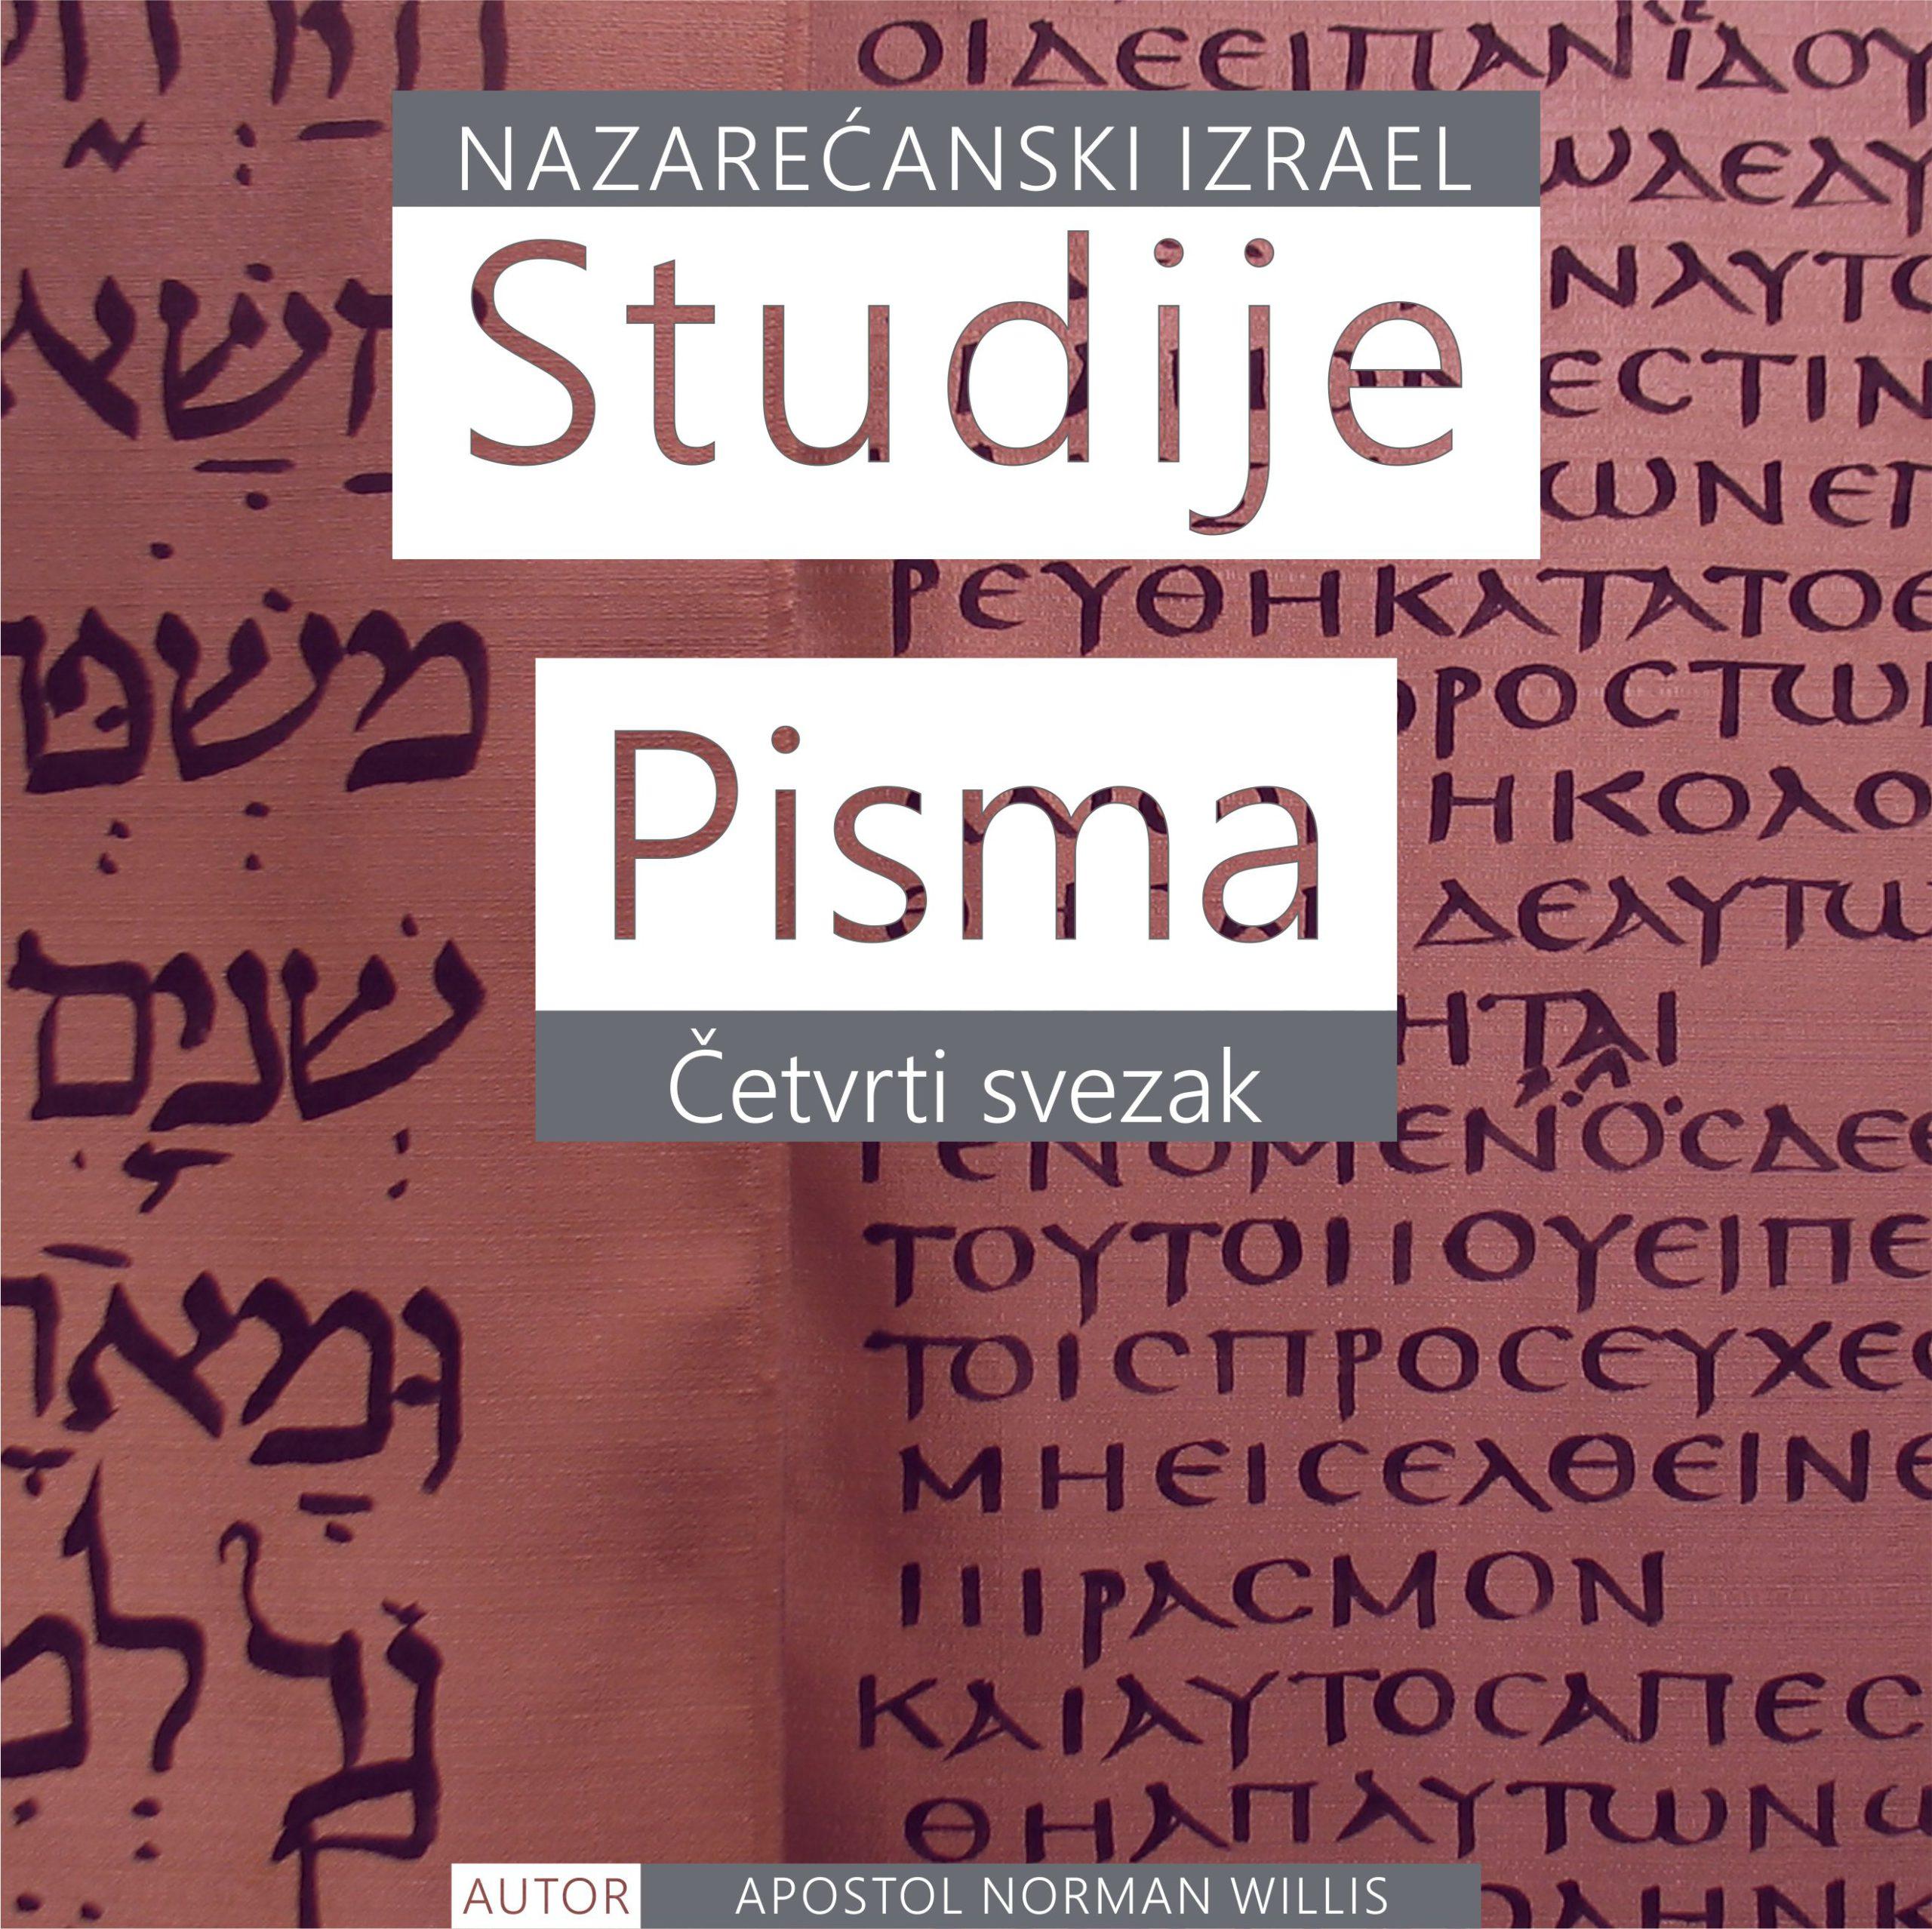 Nazarećanske Studije Pisma: Četvrti svezak